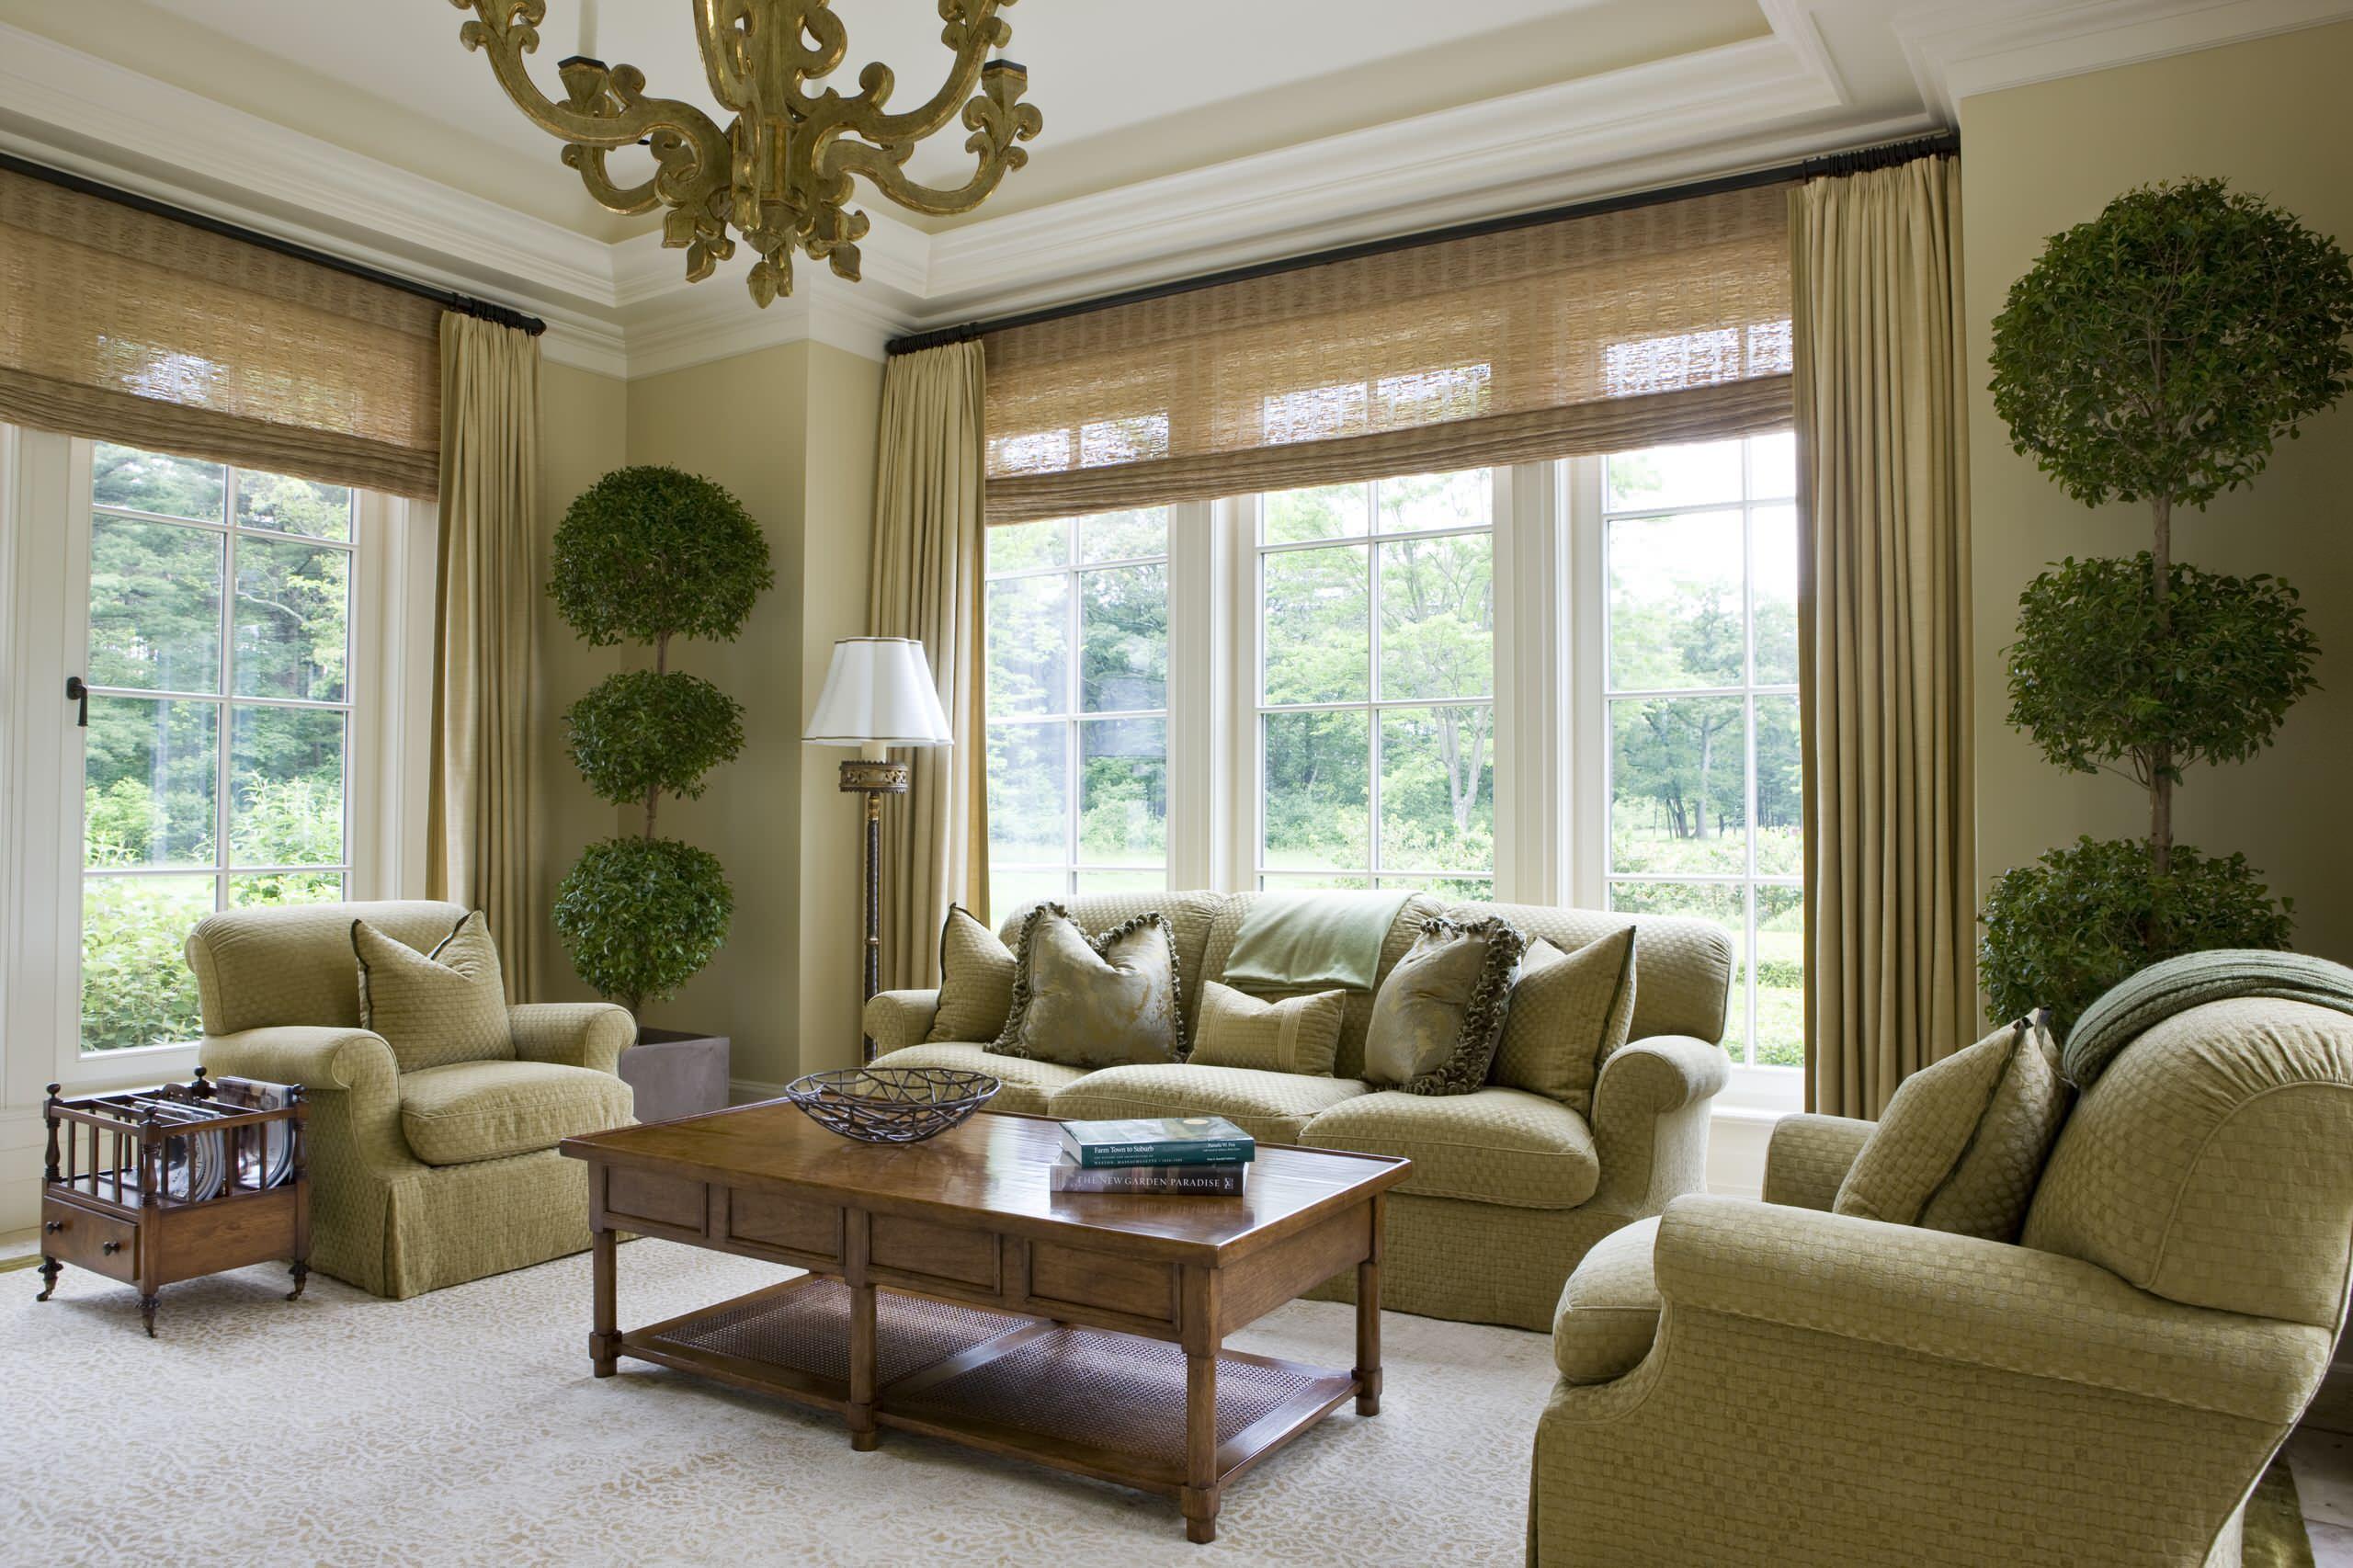 Curtain With Bamboo Shade Ideas Photos Houzz